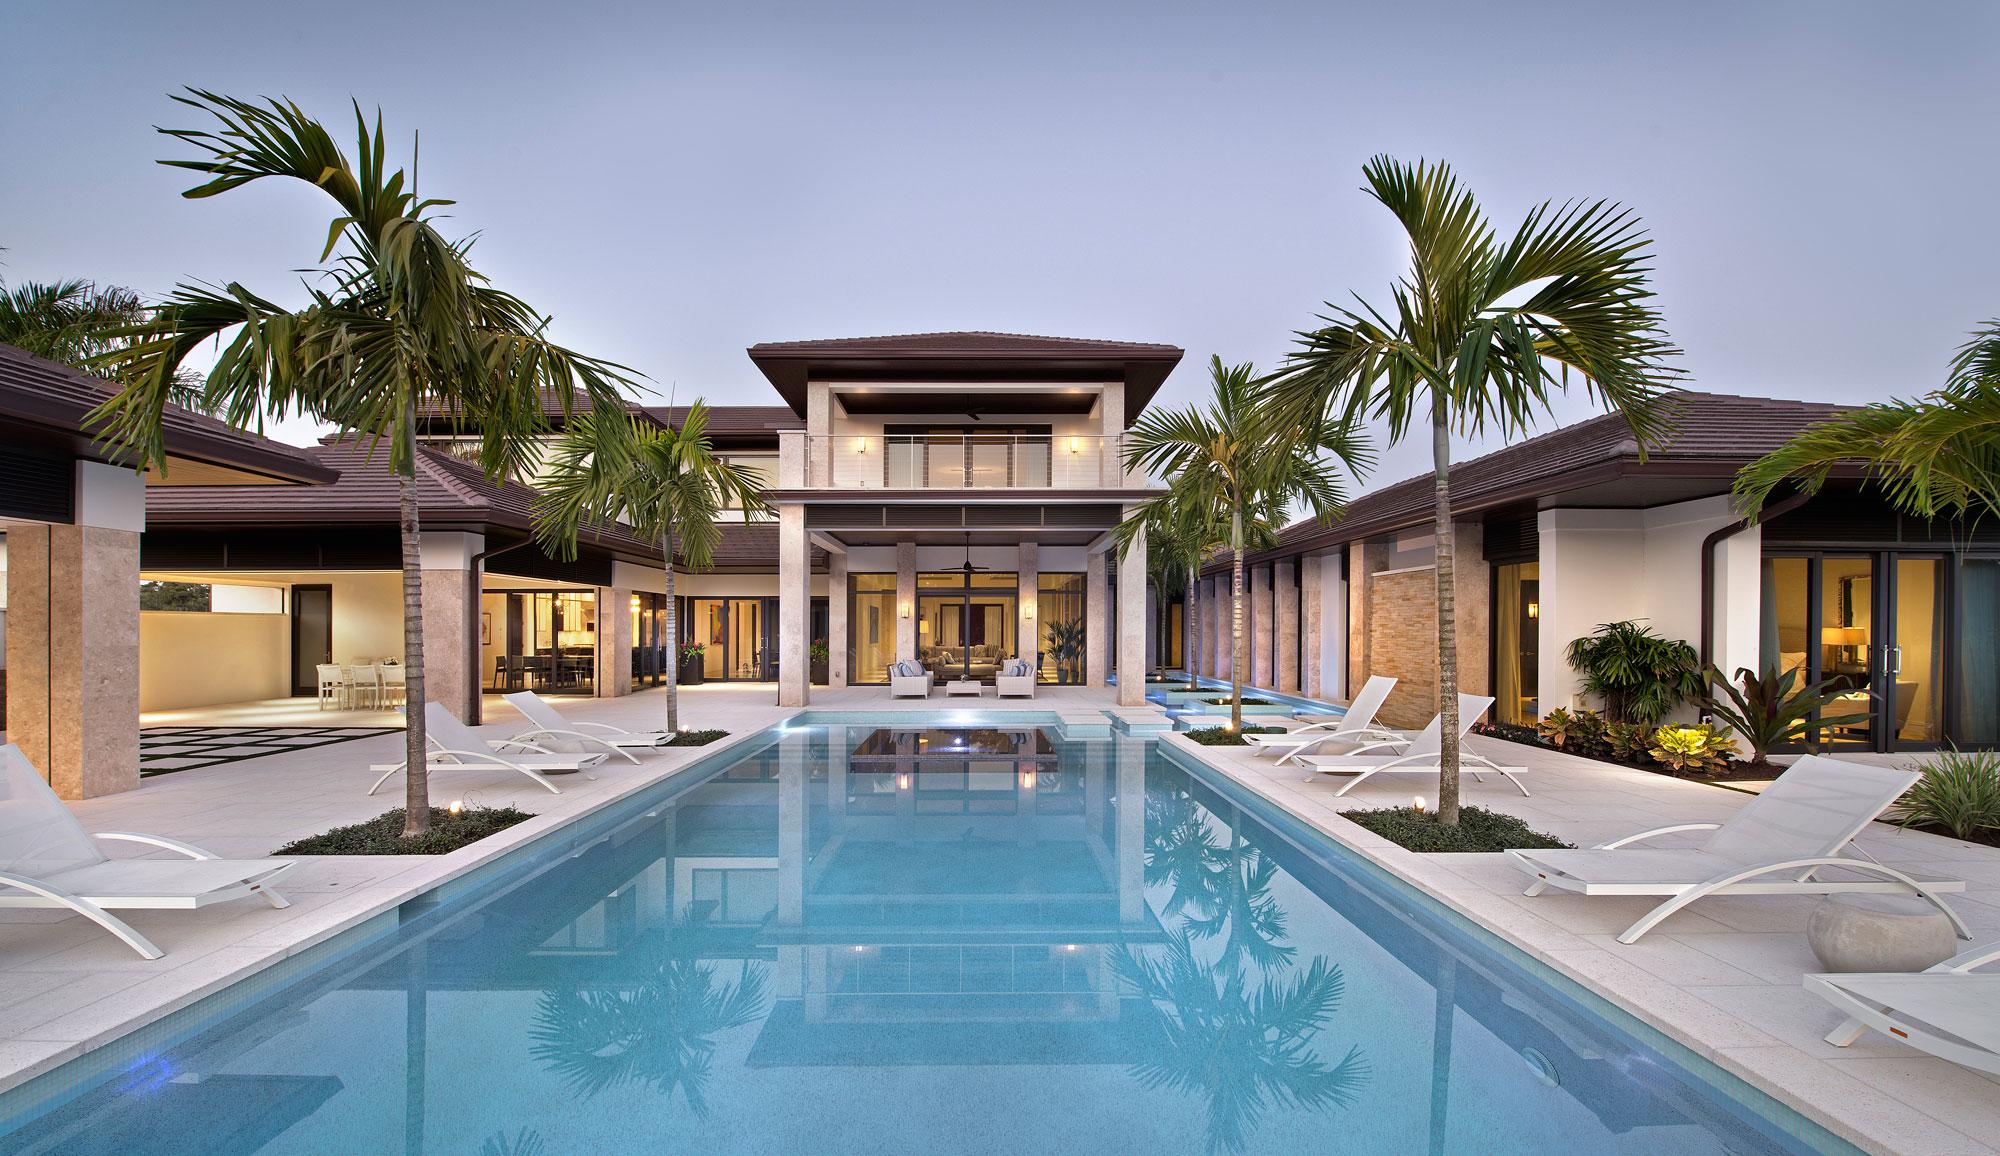 Wedo thiết kế nội thất và bể bơi sang trọng cho biệt thự